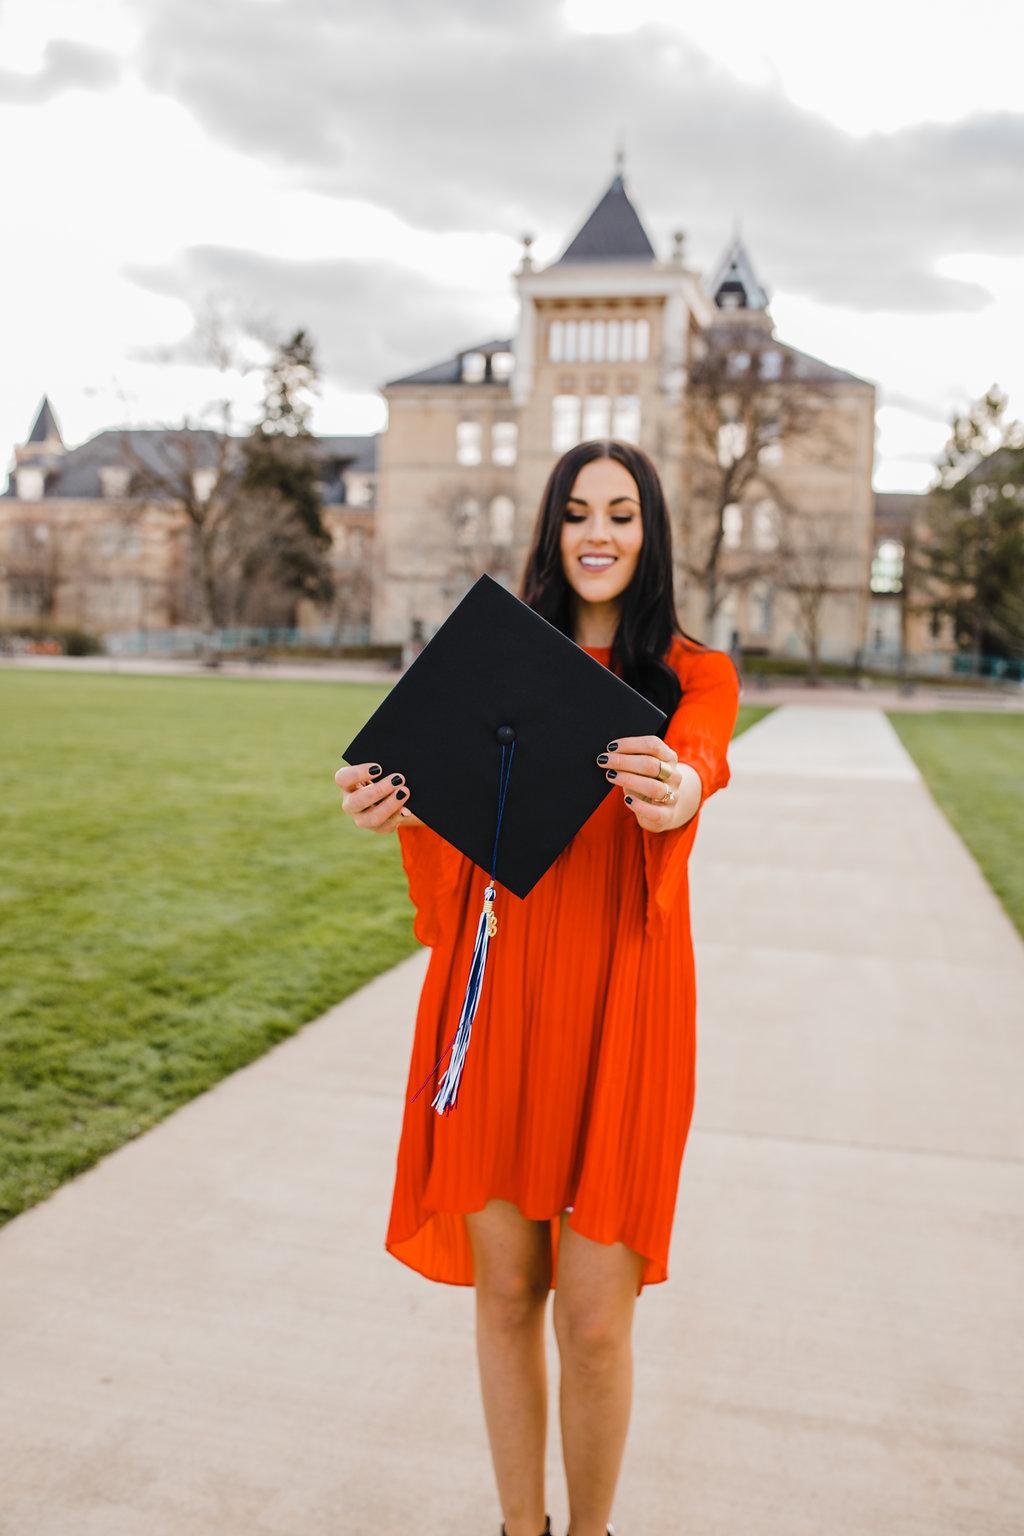 cap and gown senior graduation photo session usu grad logan utah